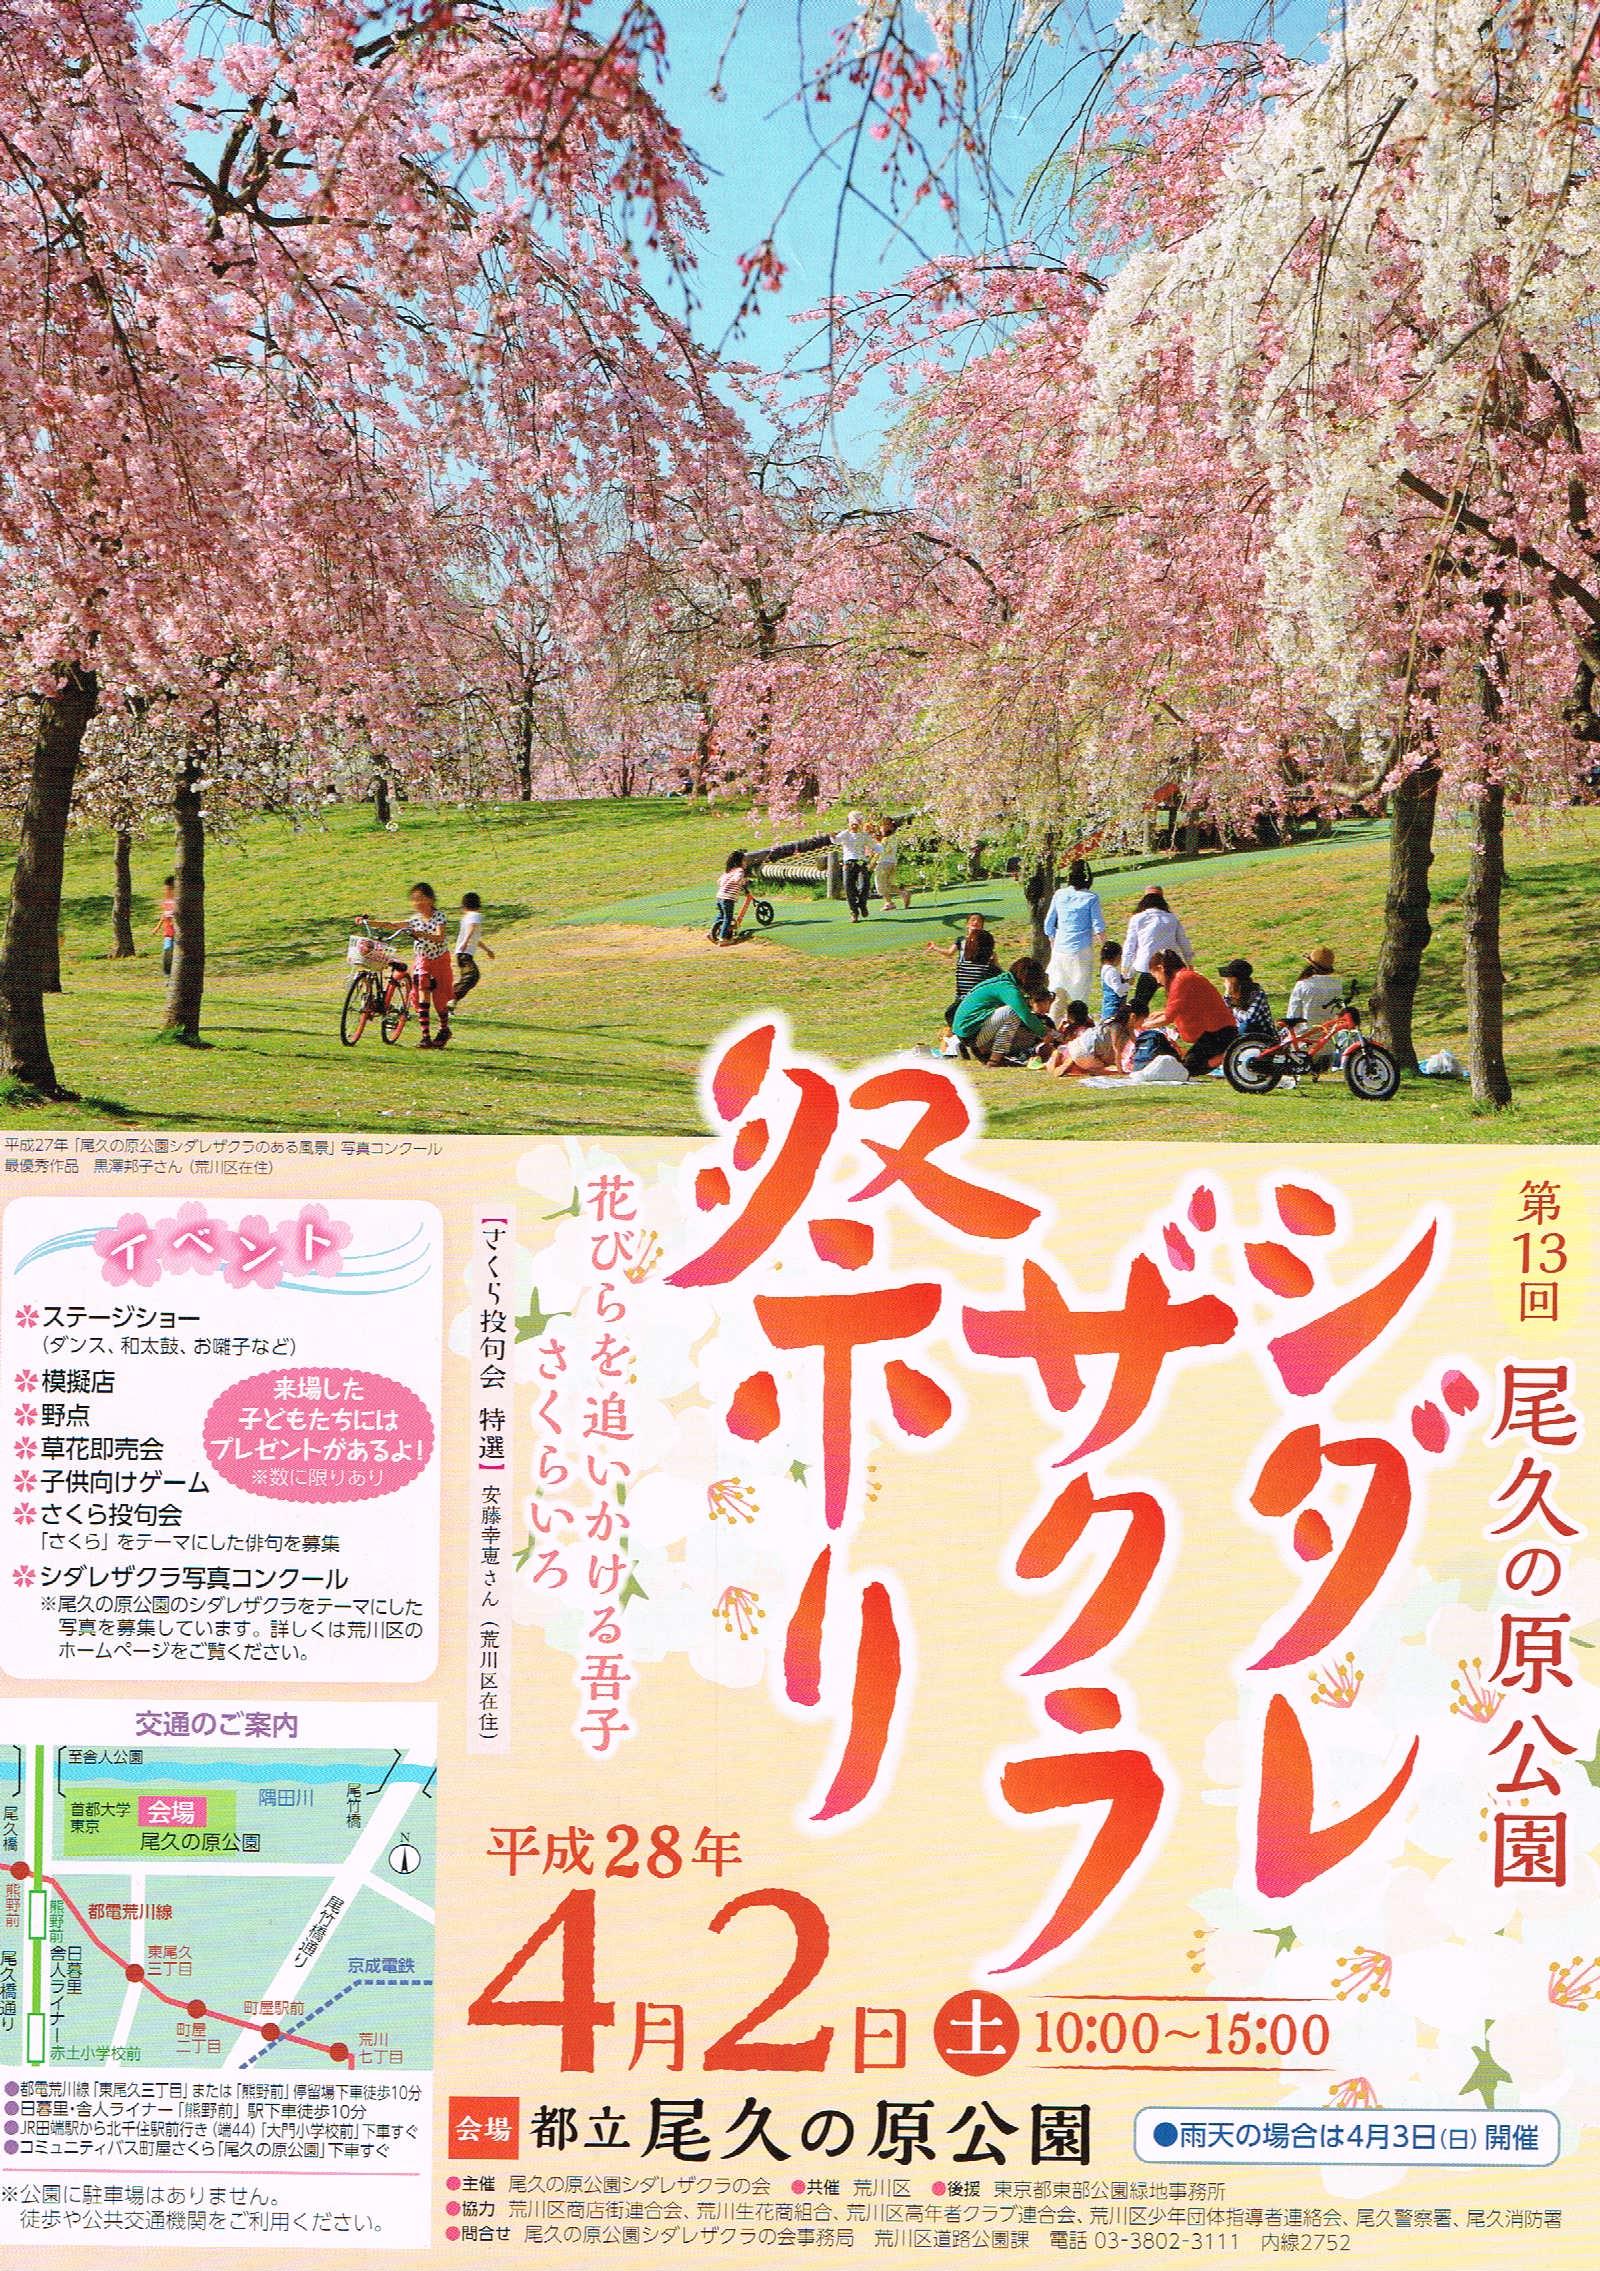 イベント情報 - (4月2日)第13回シダレザクラ祭り @尾久の原公園